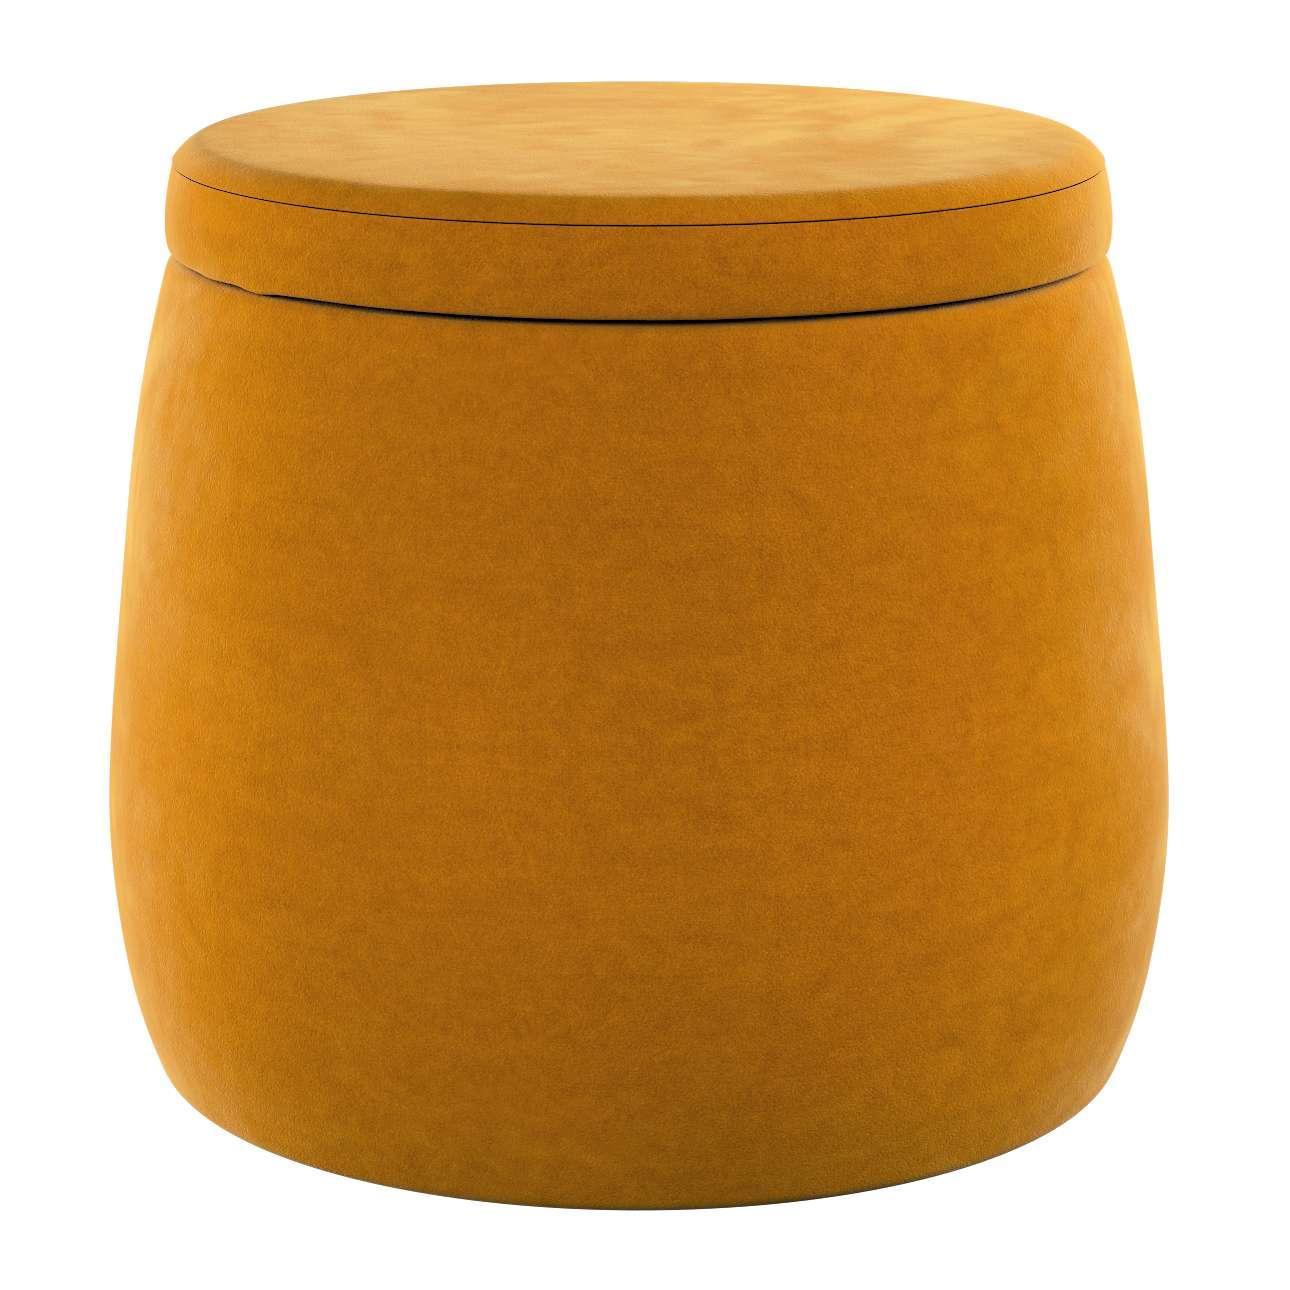 Pouf Candy Jar von der Kollektion Posh Velvet, Stoff: 704-23